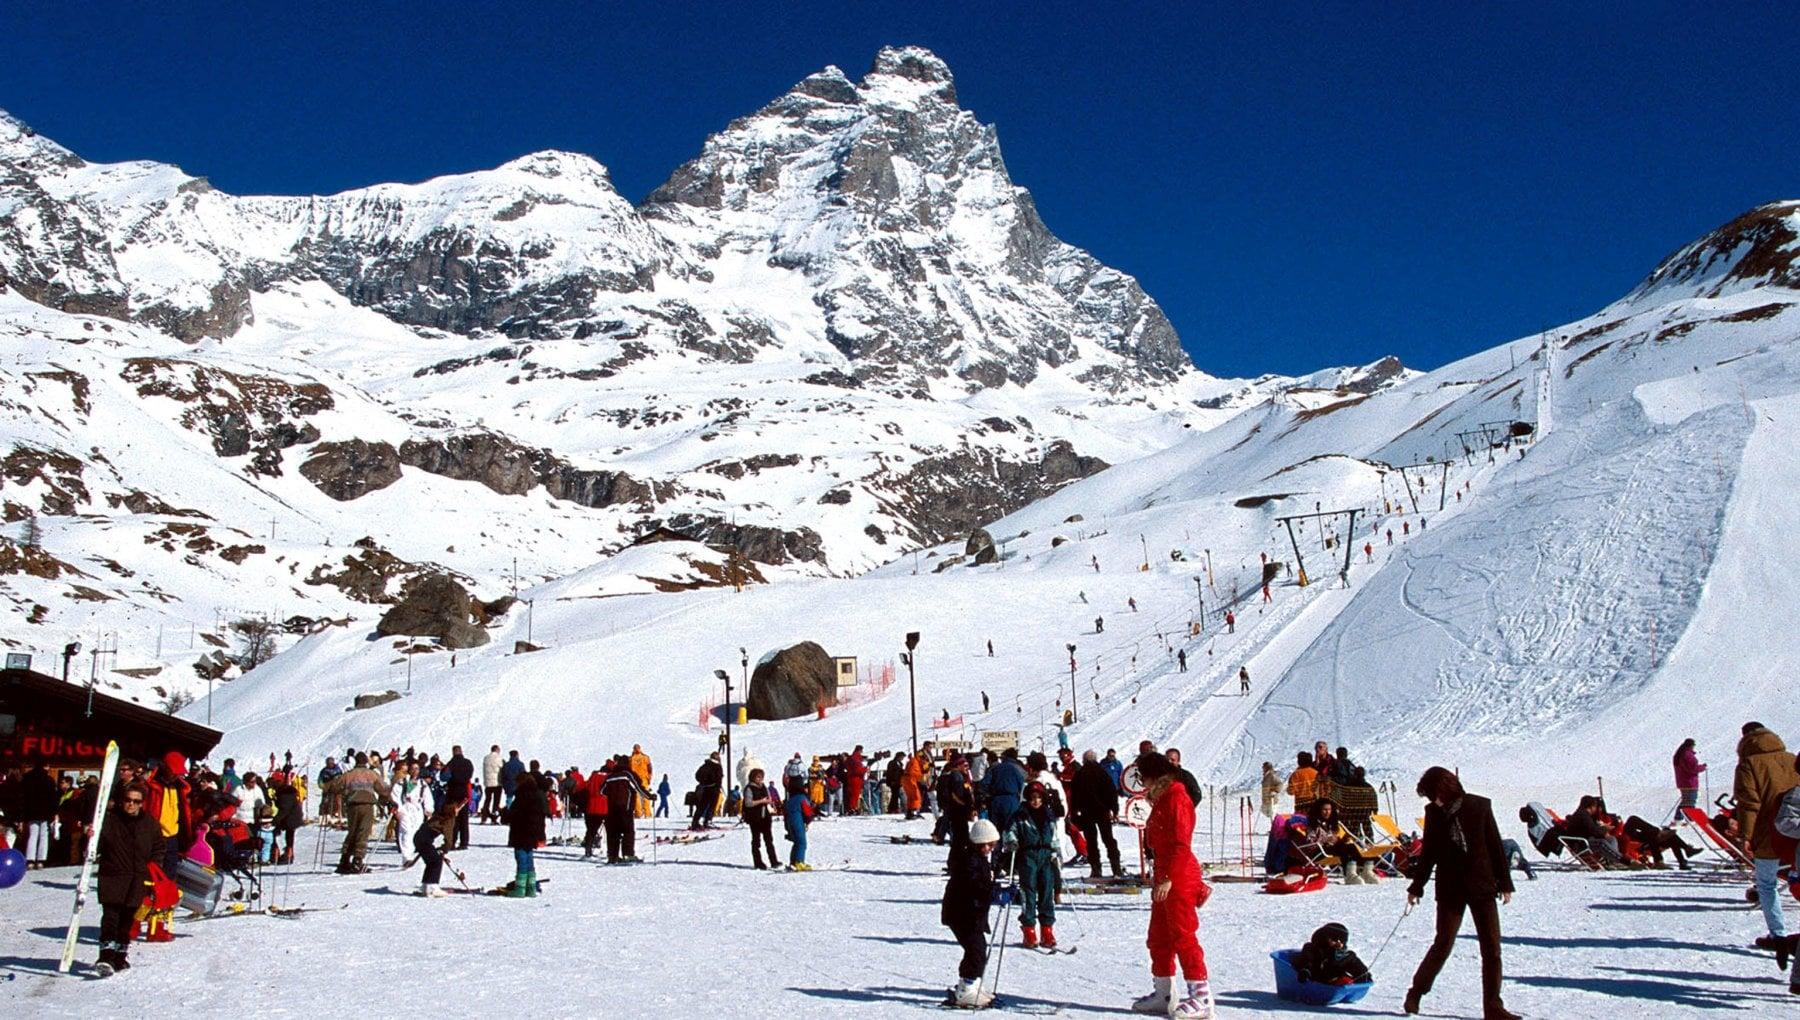 La Val dAosta per chi viene a sciare da noi obbligo di tampone 72 ore prima